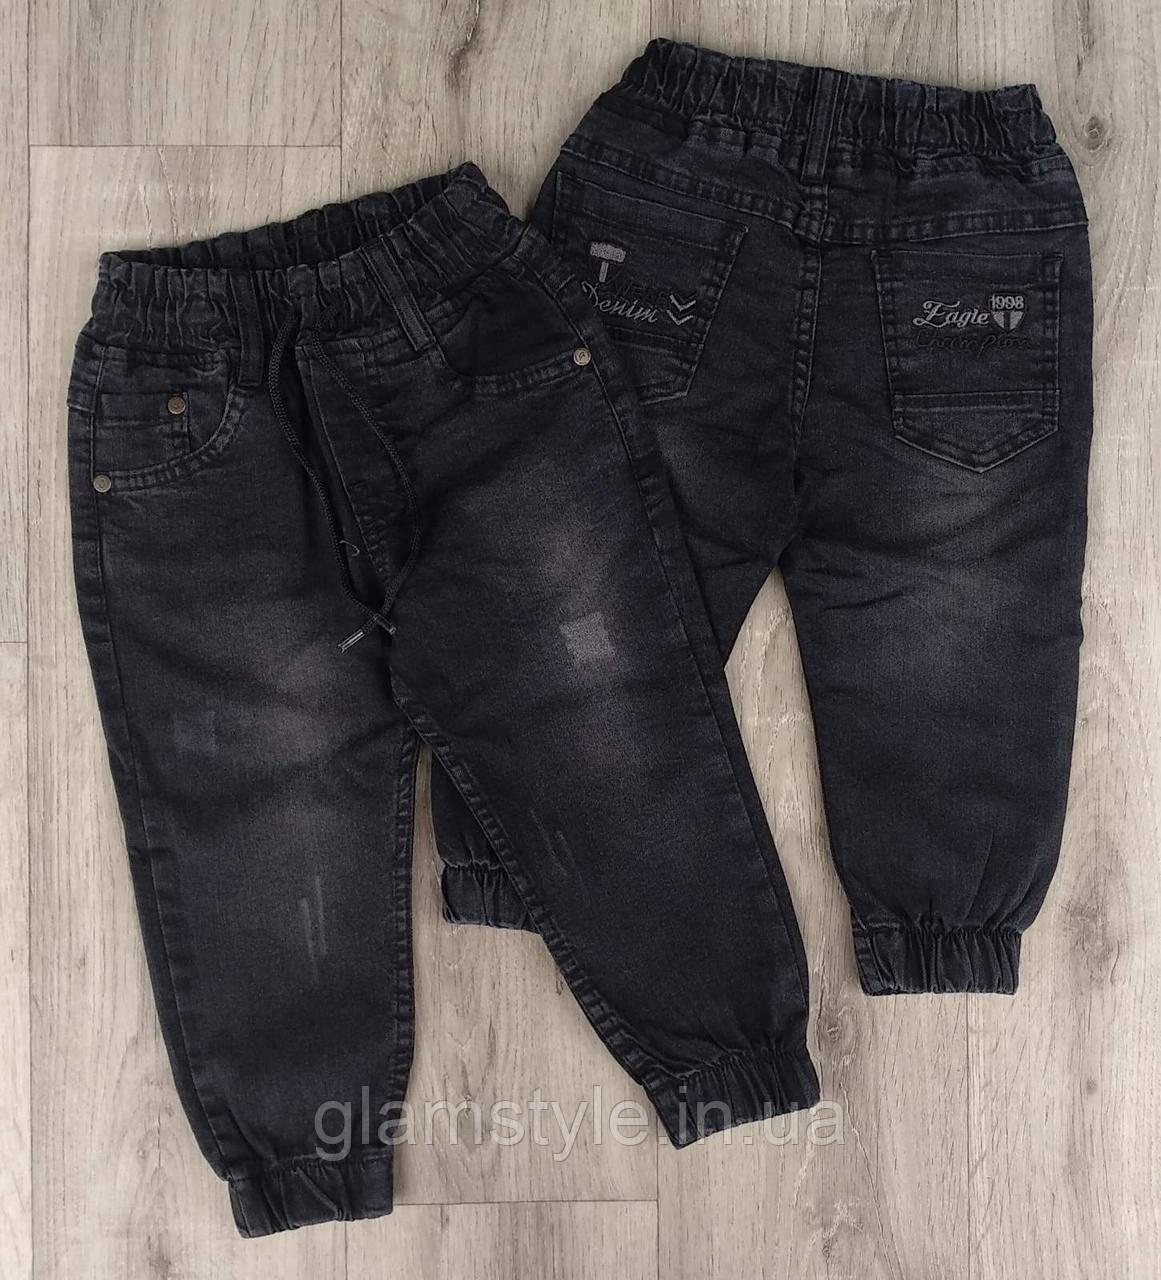 Детские джинсы Джогер для мальчика